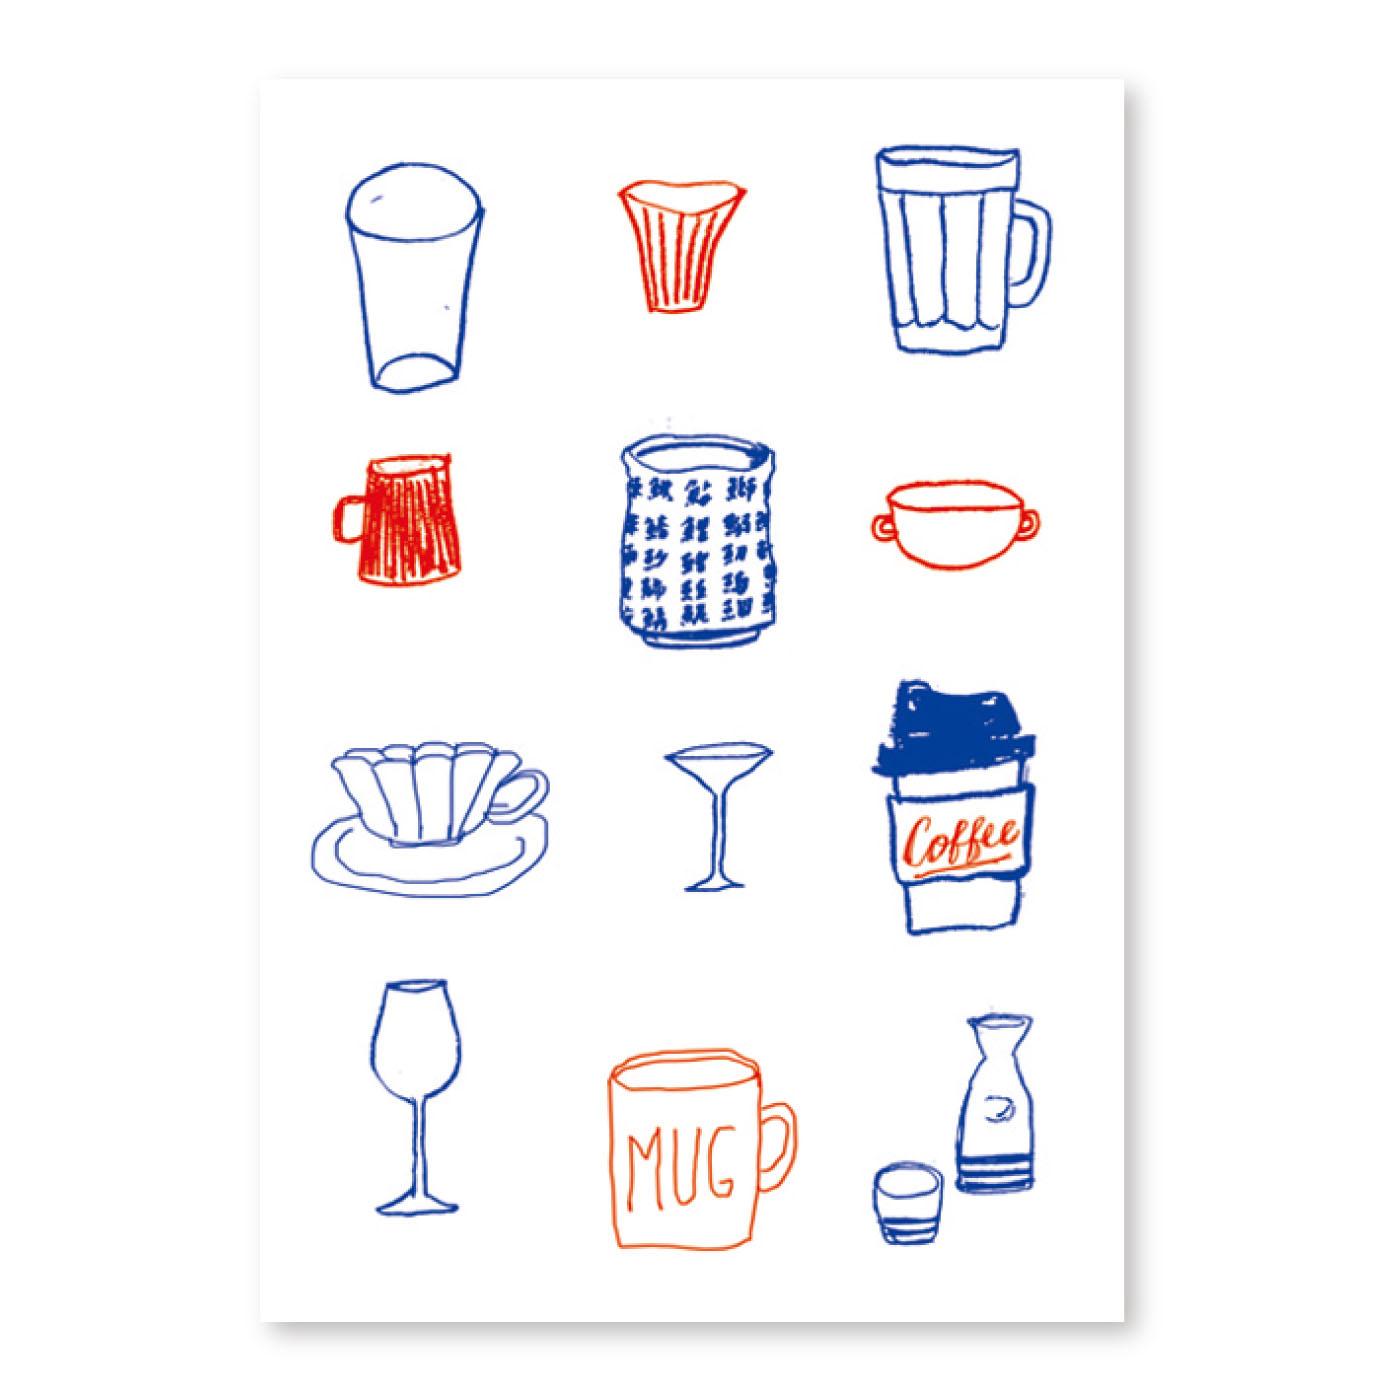 #食事 いつ、誰と、どこで、どんな料理を食べても欠かせないのがドリンク!ドリンクでたどる食事の記憶メモ。